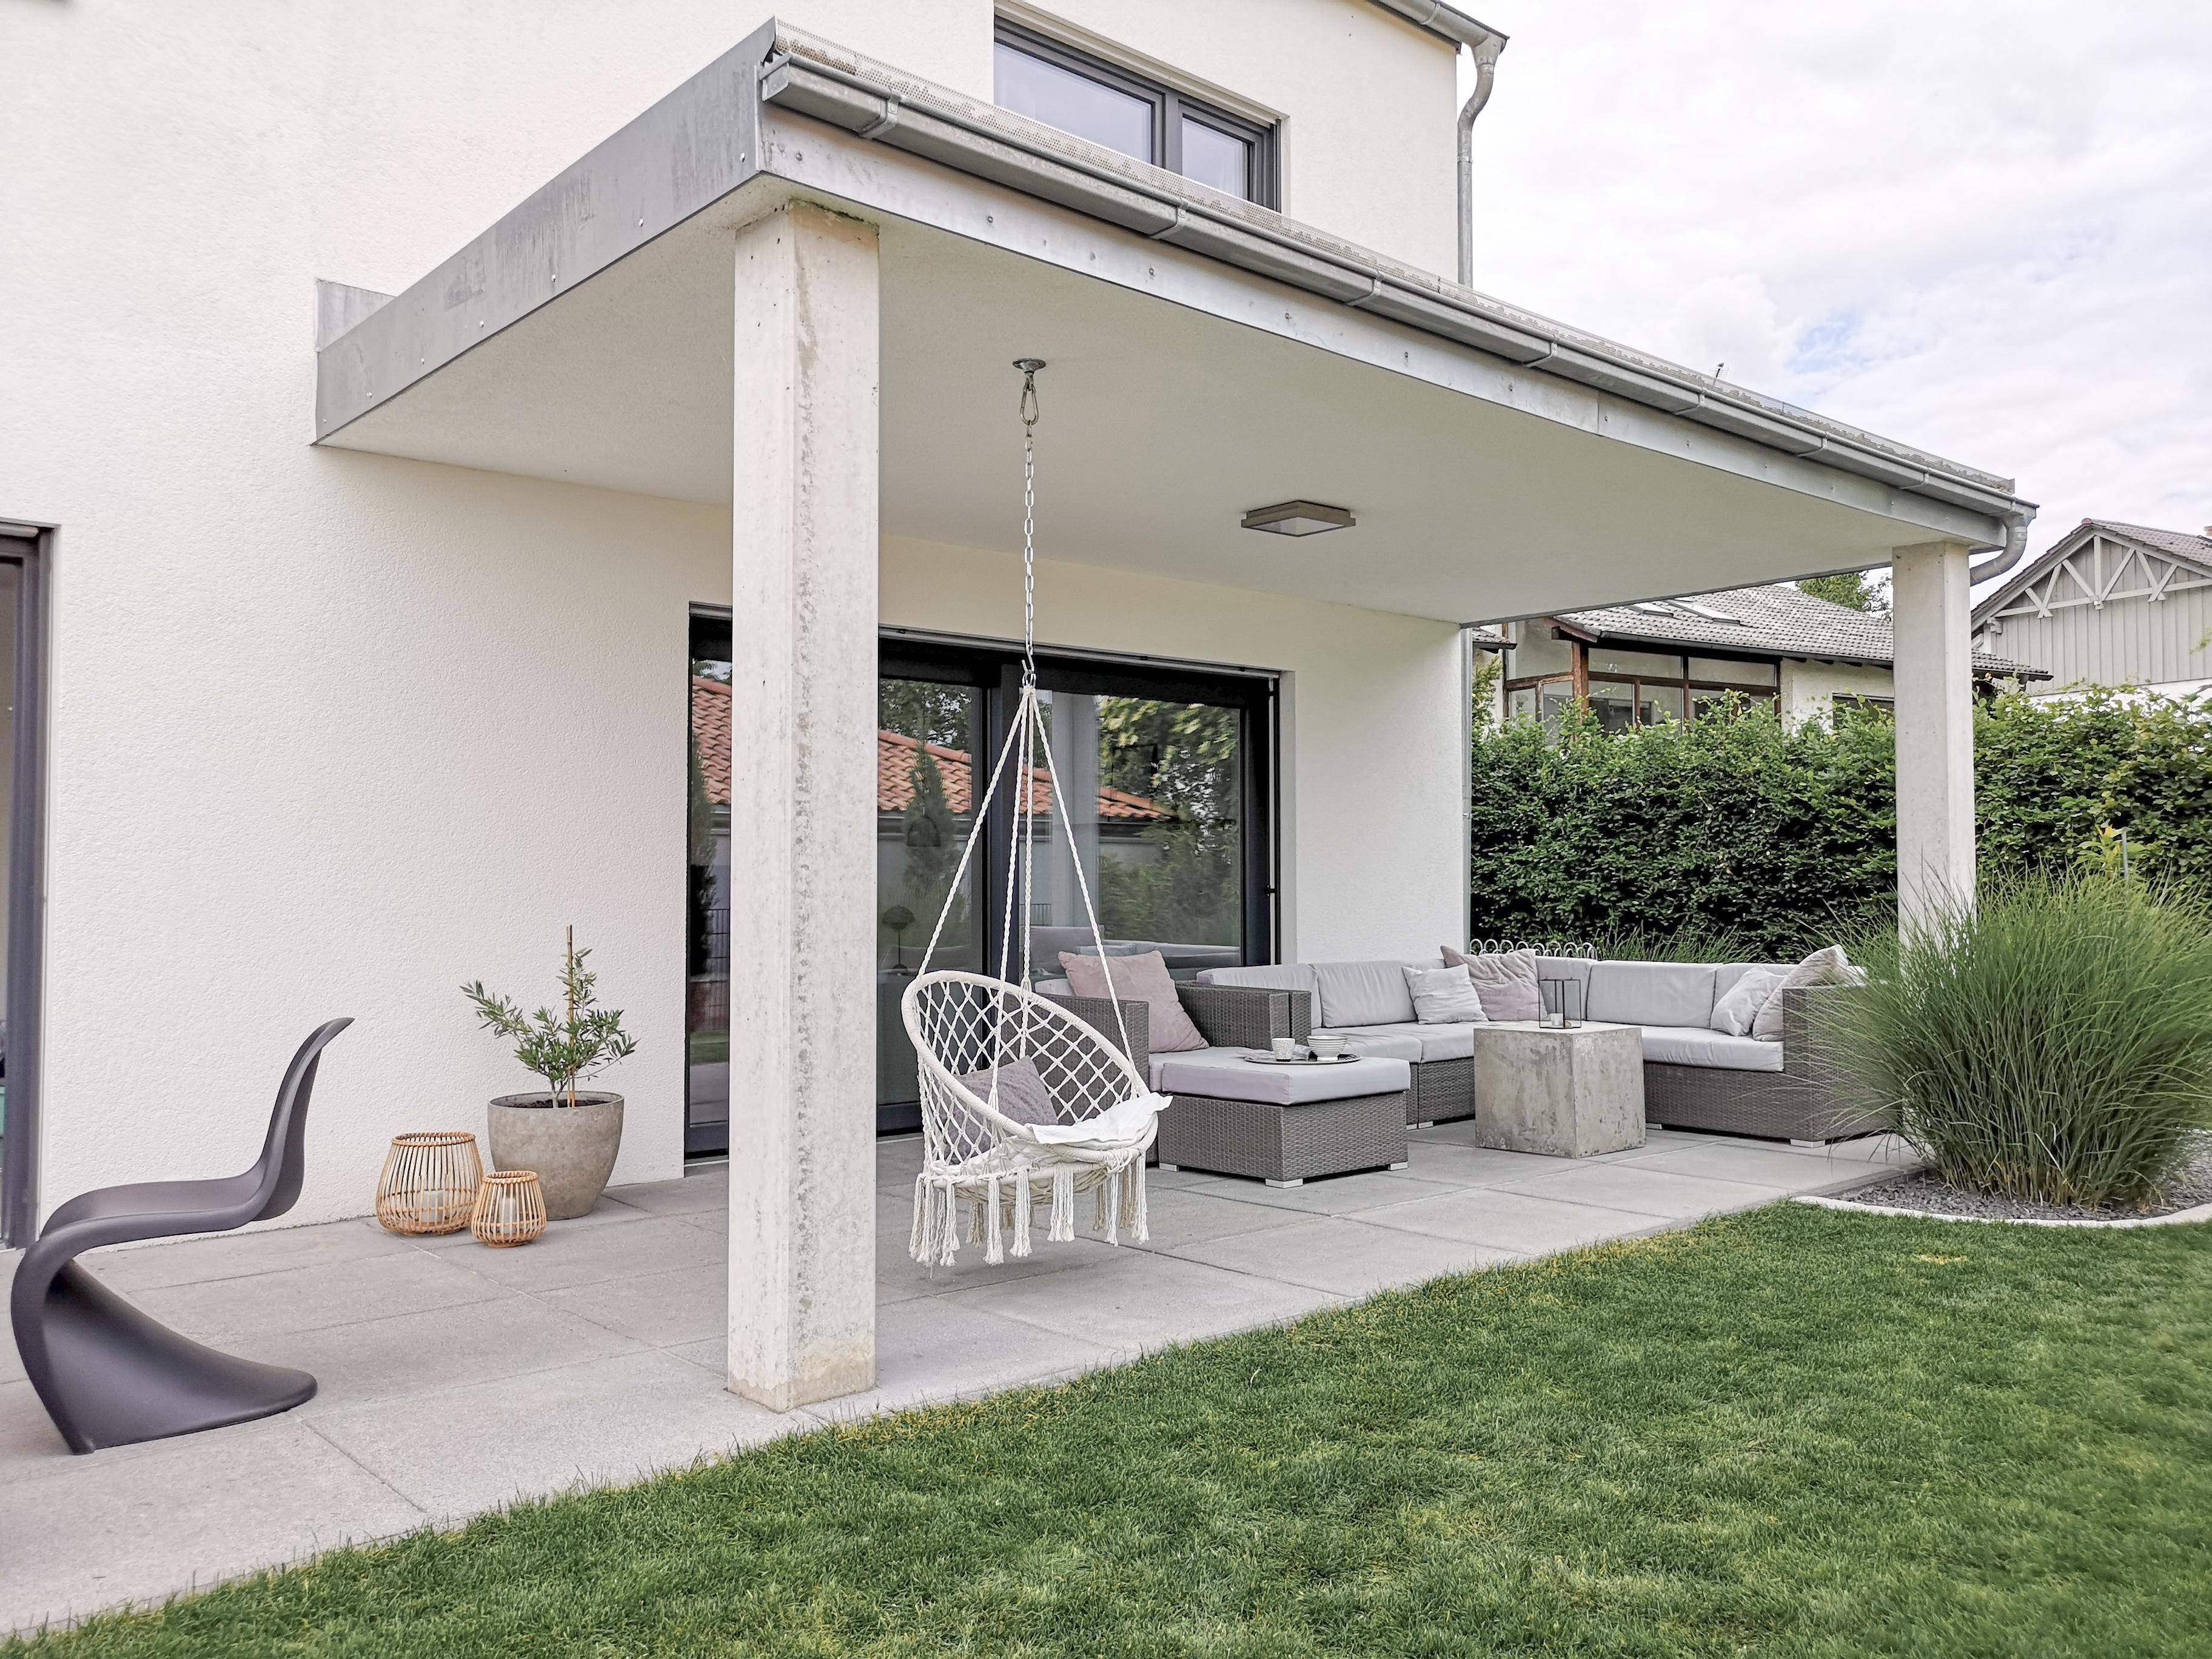 Terrassenuberdachung Schattenspendende Ideen Auf Couch